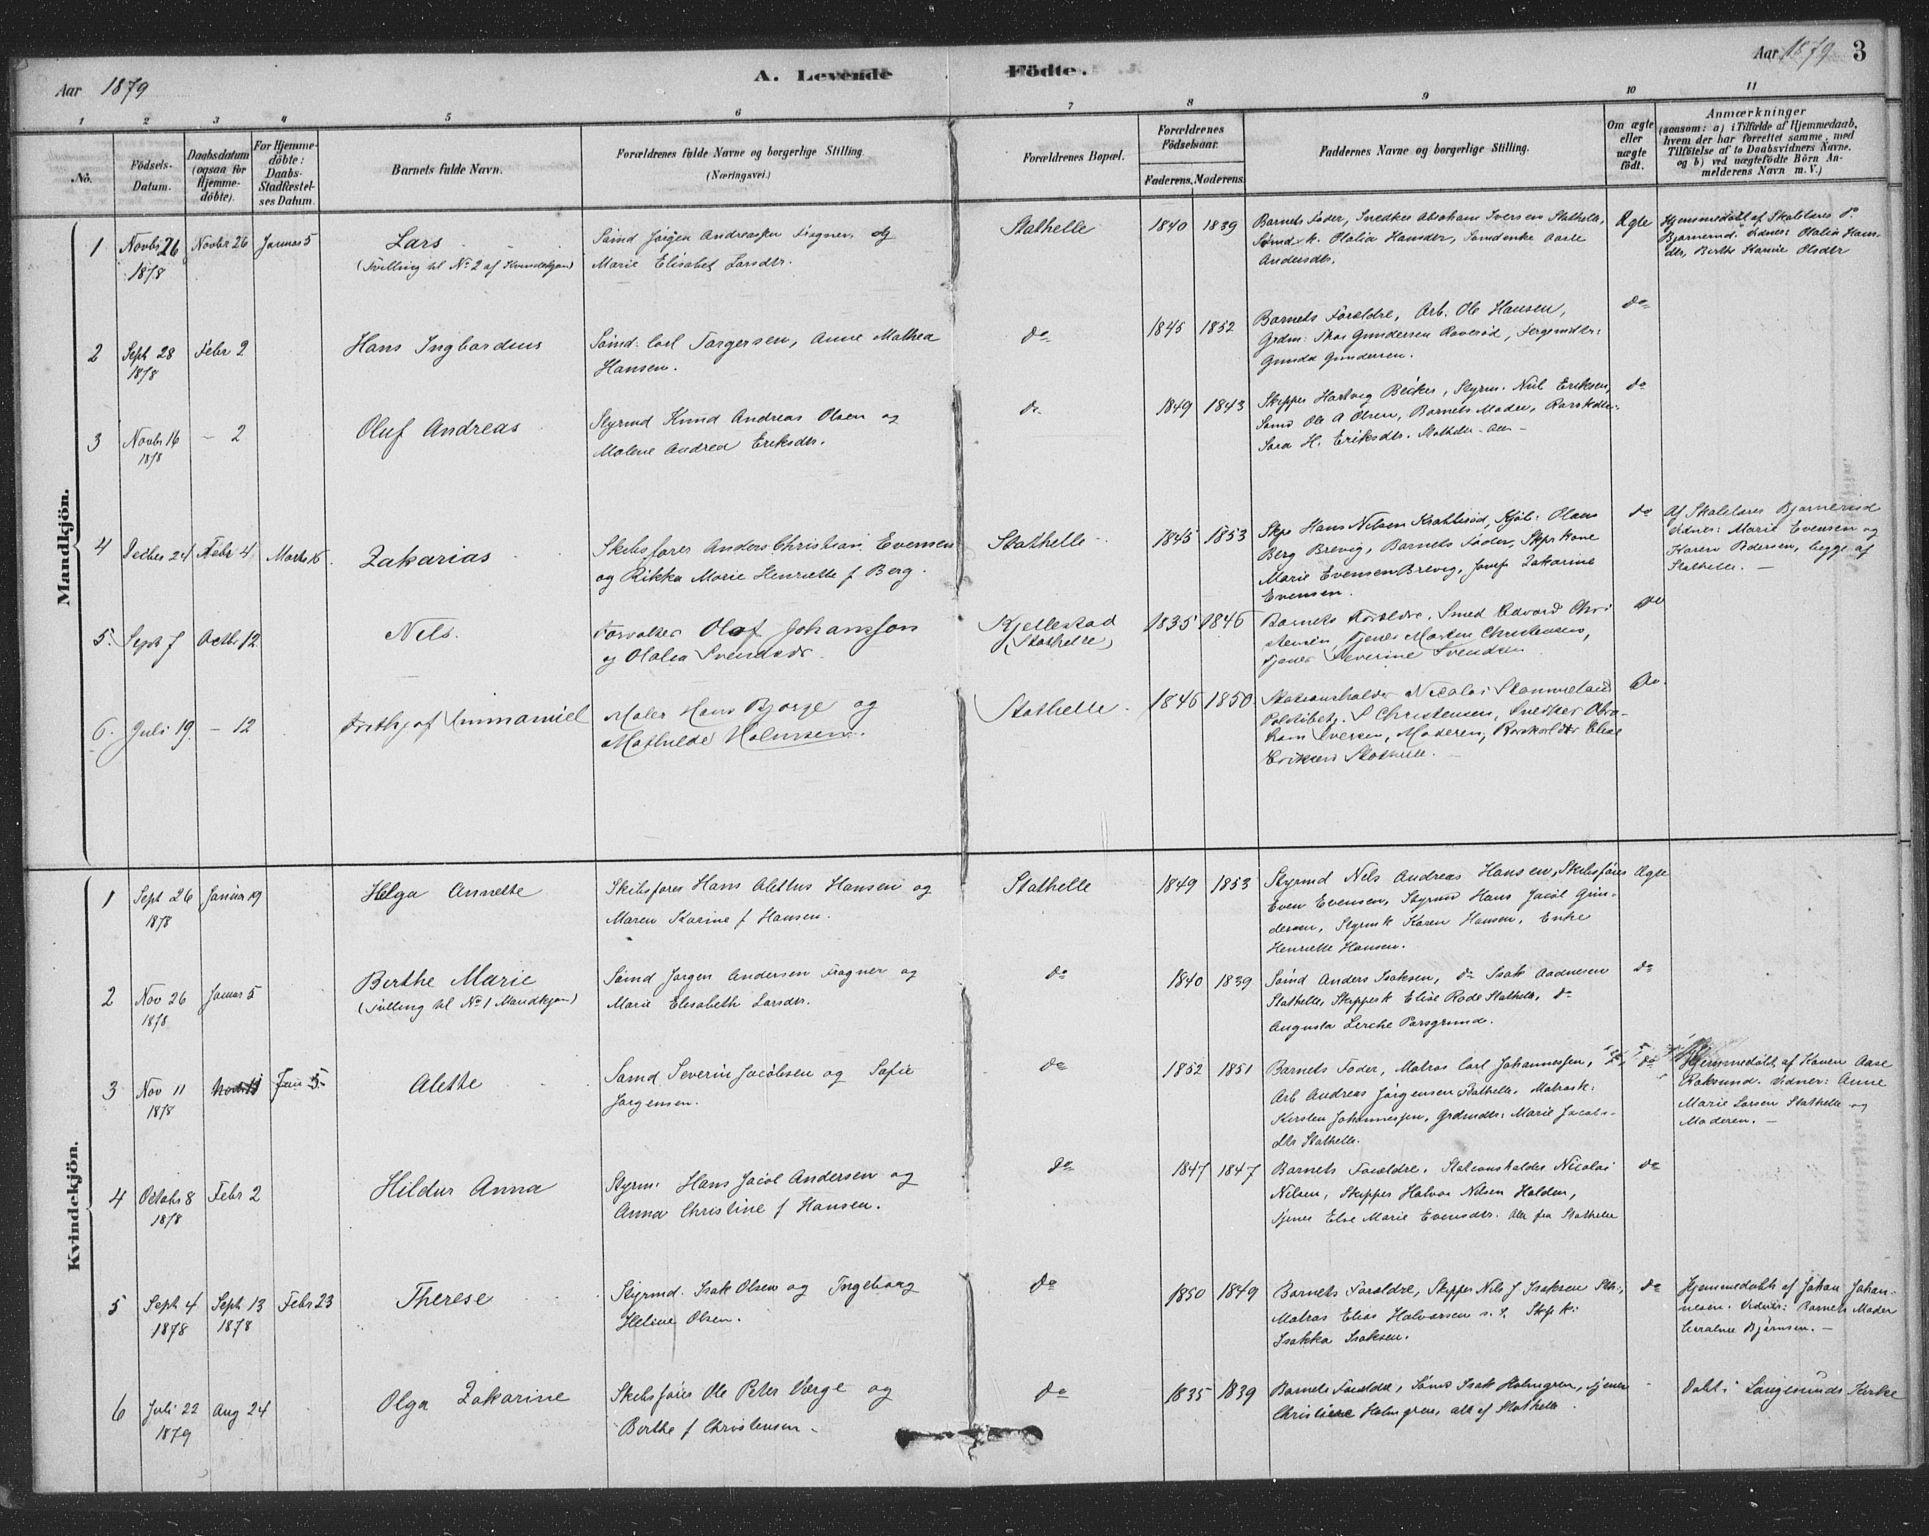 SAKO, Bamble kirkebøker, F/Fb/L0001: Ministerialbok nr. II 1, 1878-1899, s. 3